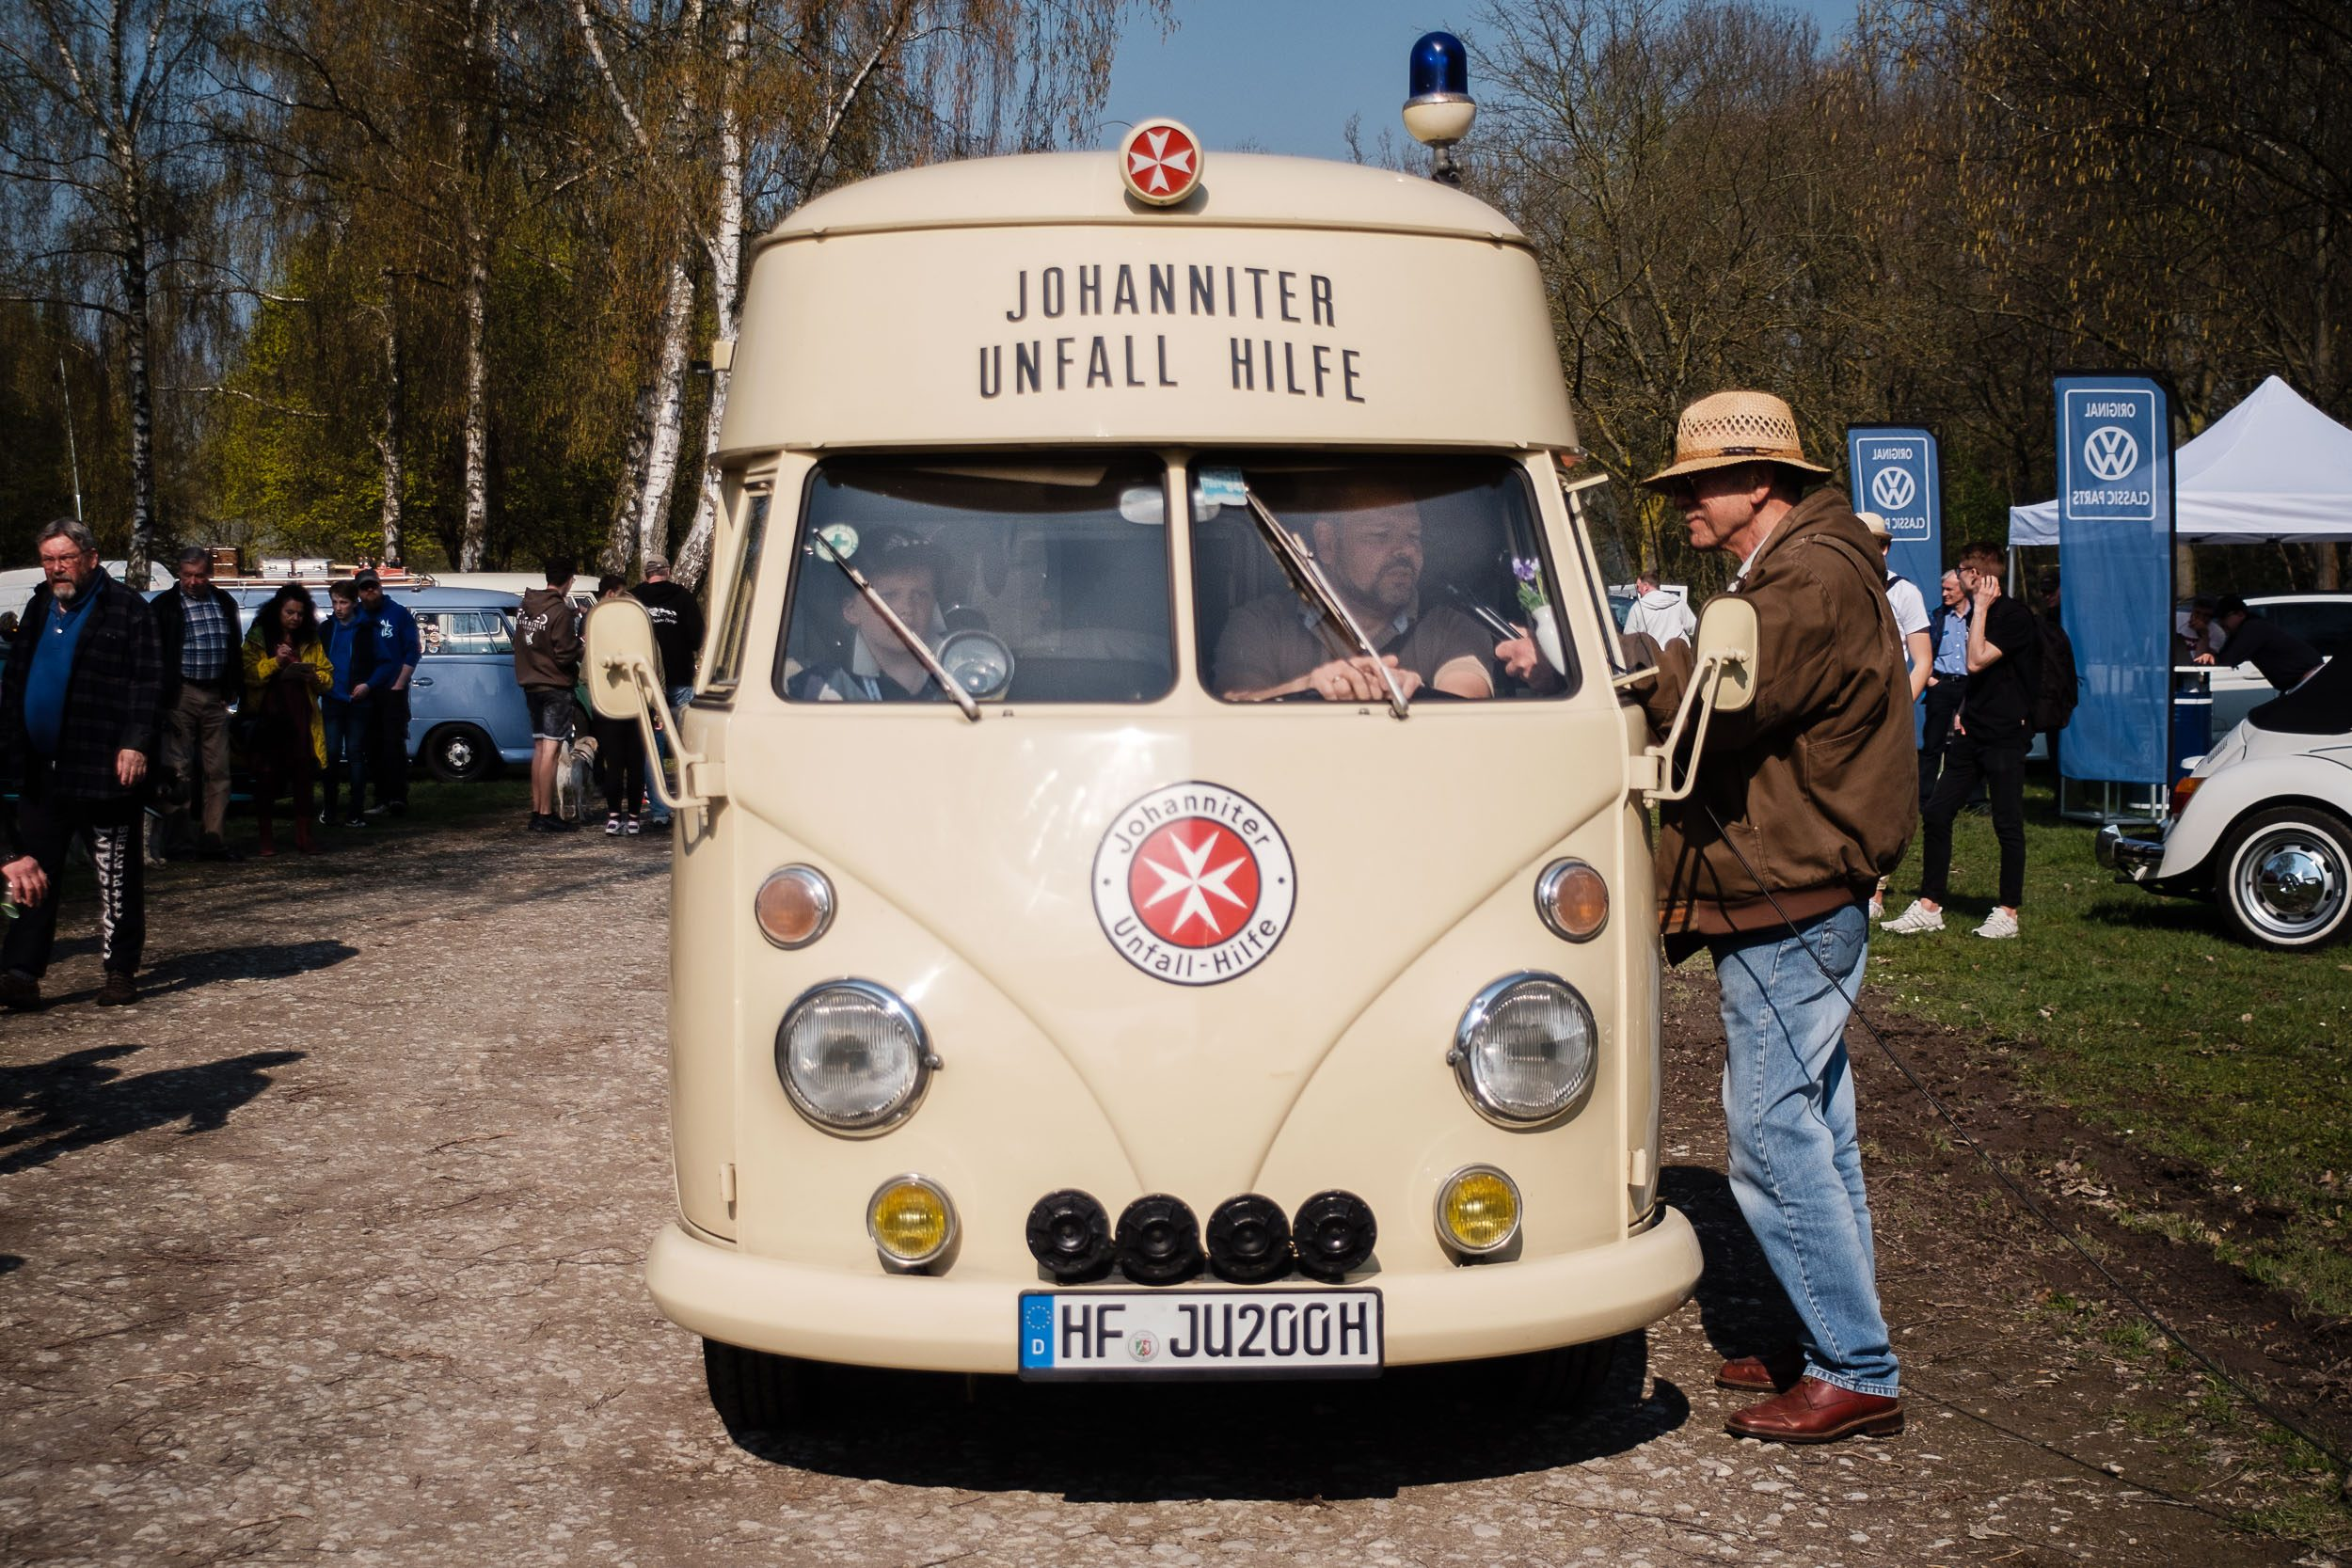 historischer Johanniter-Bus beim Oldtimertreffen am großen Weserbogen VW Porsche Audi Klassik 2019